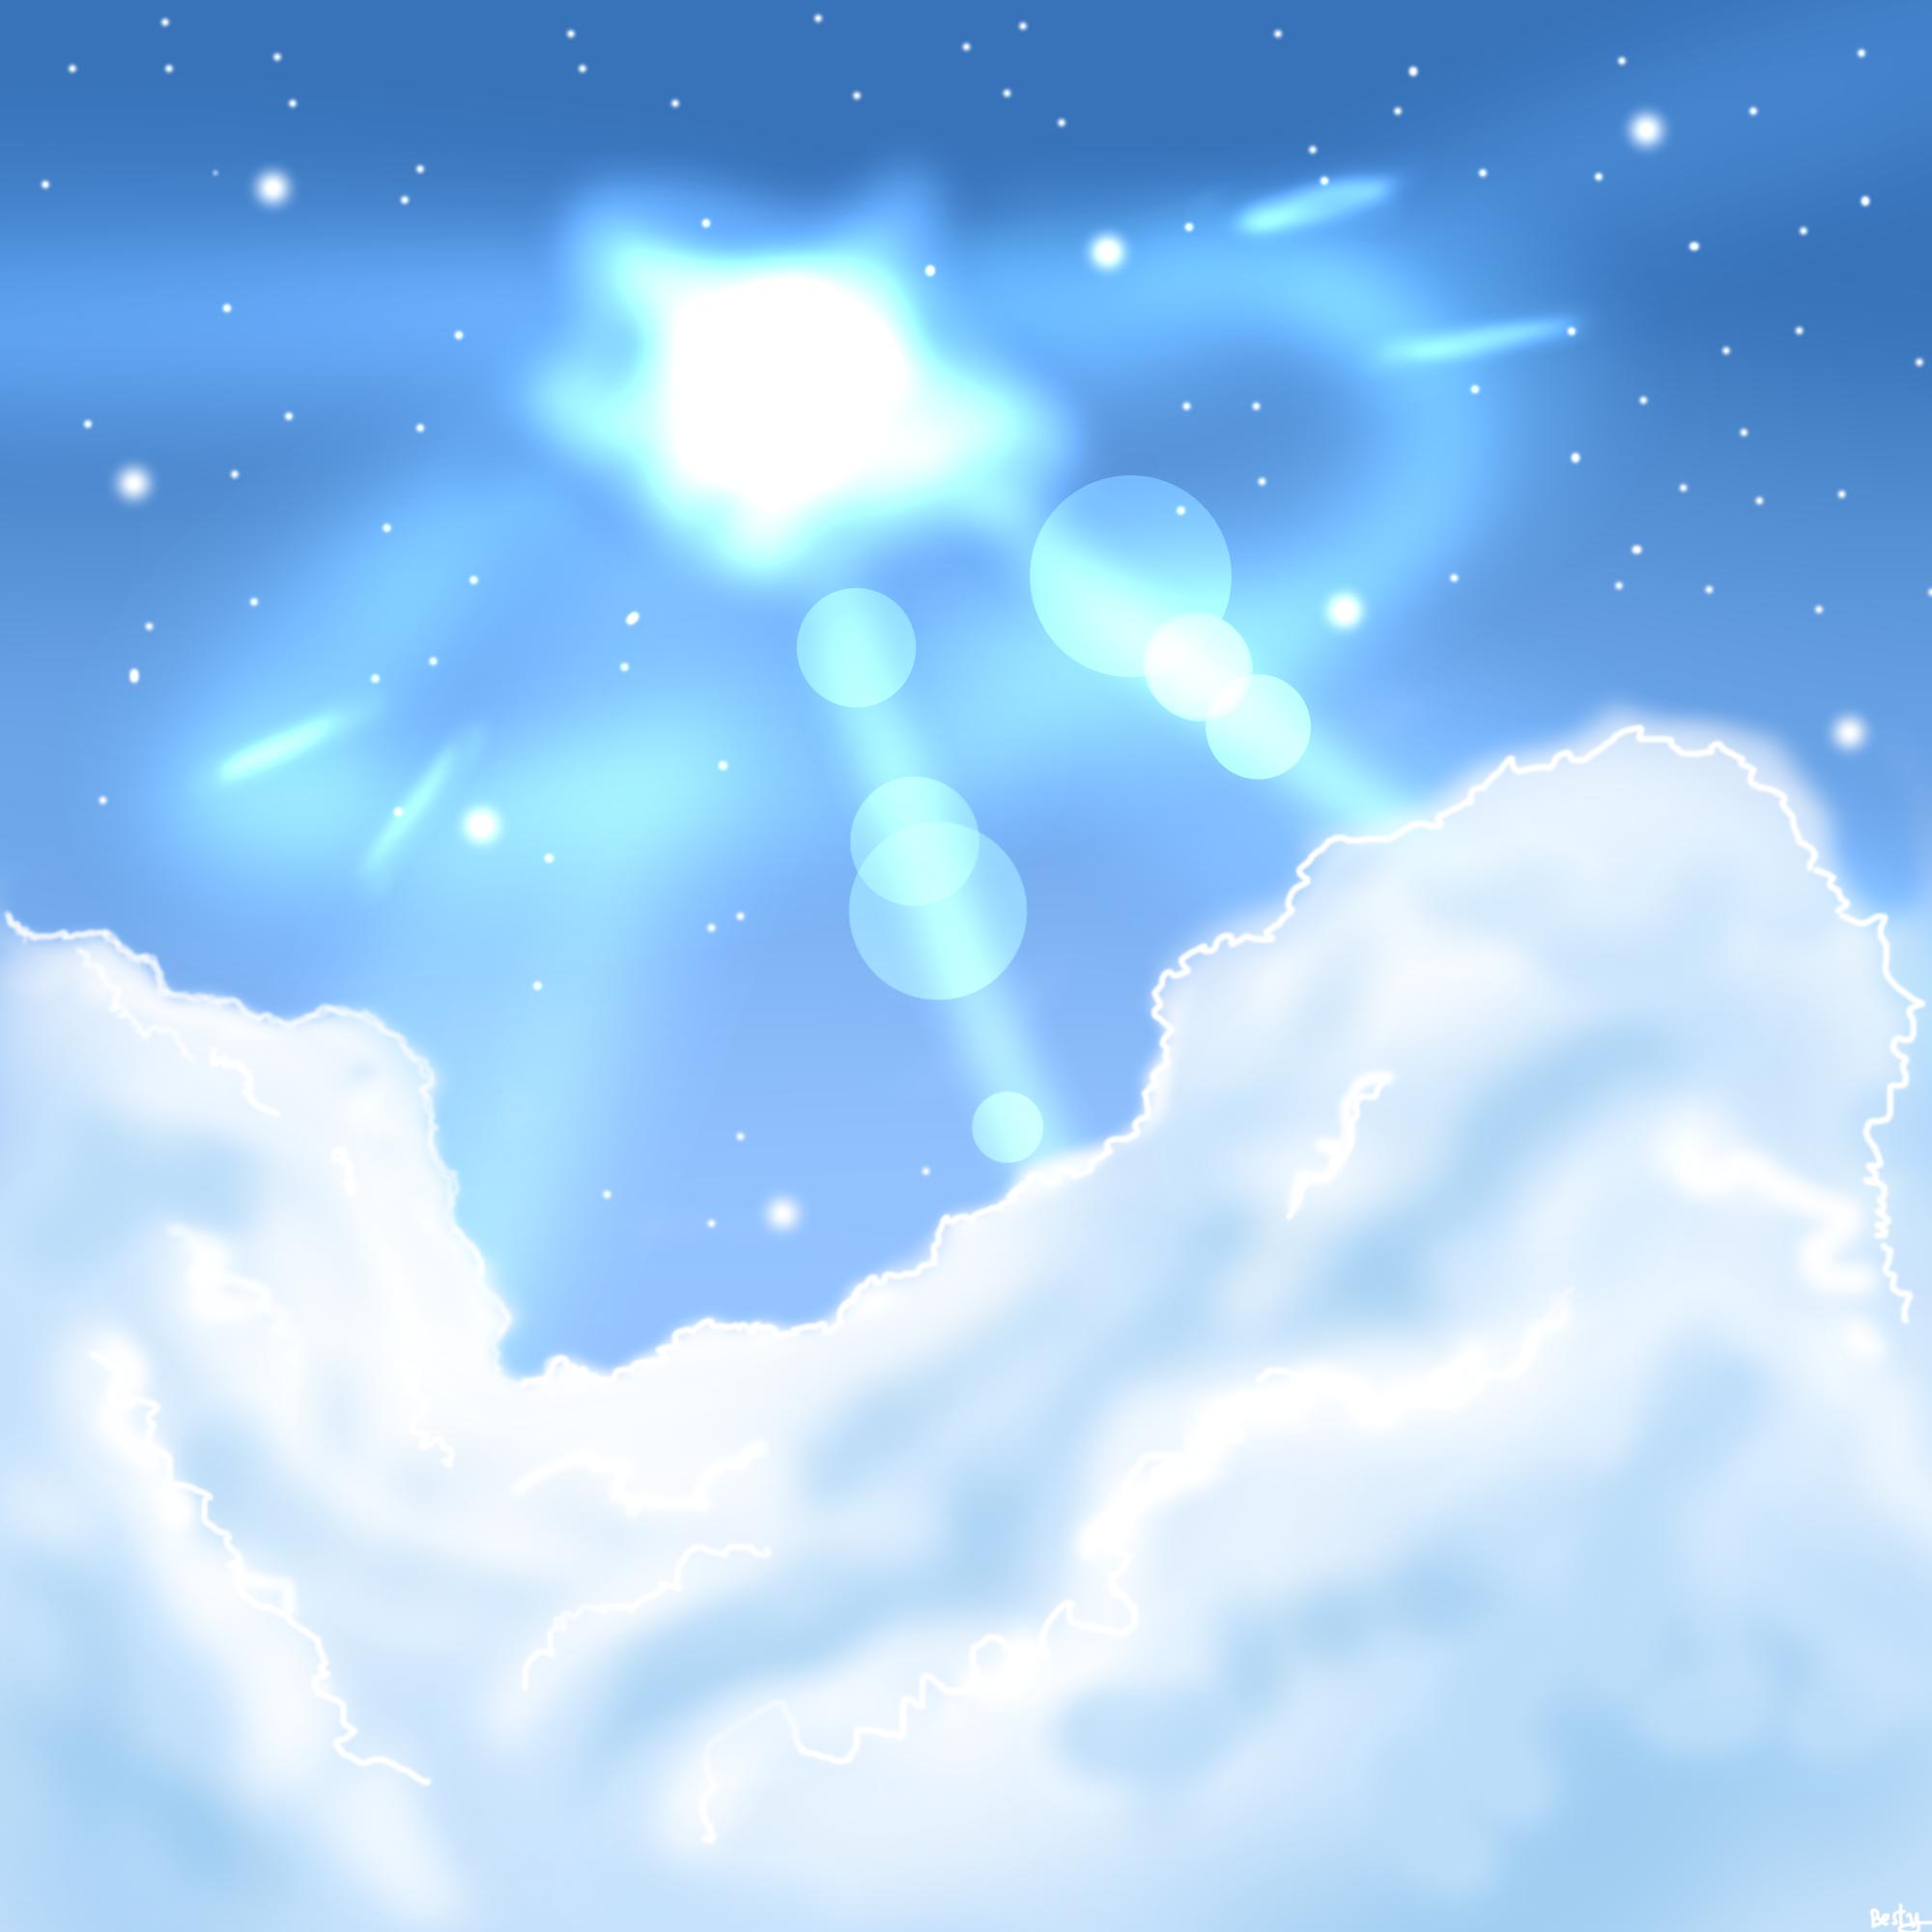 天空简单画法步骤